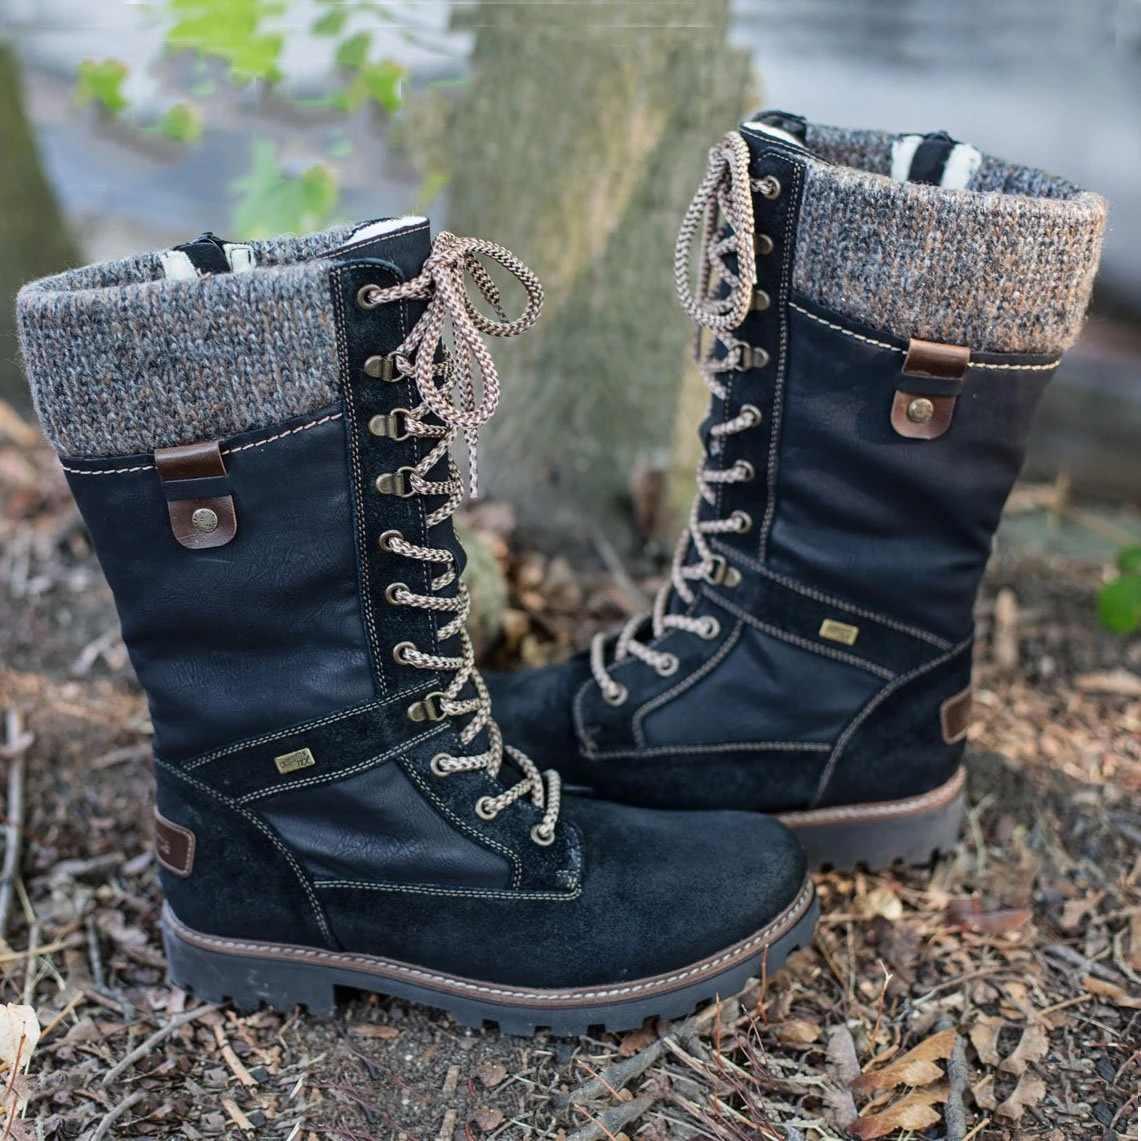 Laamei kışlık botlar bayan botları temel kadın orta buzağı çizmeler yuvarlak ayak Zip platformu dekor kadın ayakkabısı sıcak dantel Up bot ayakkabı